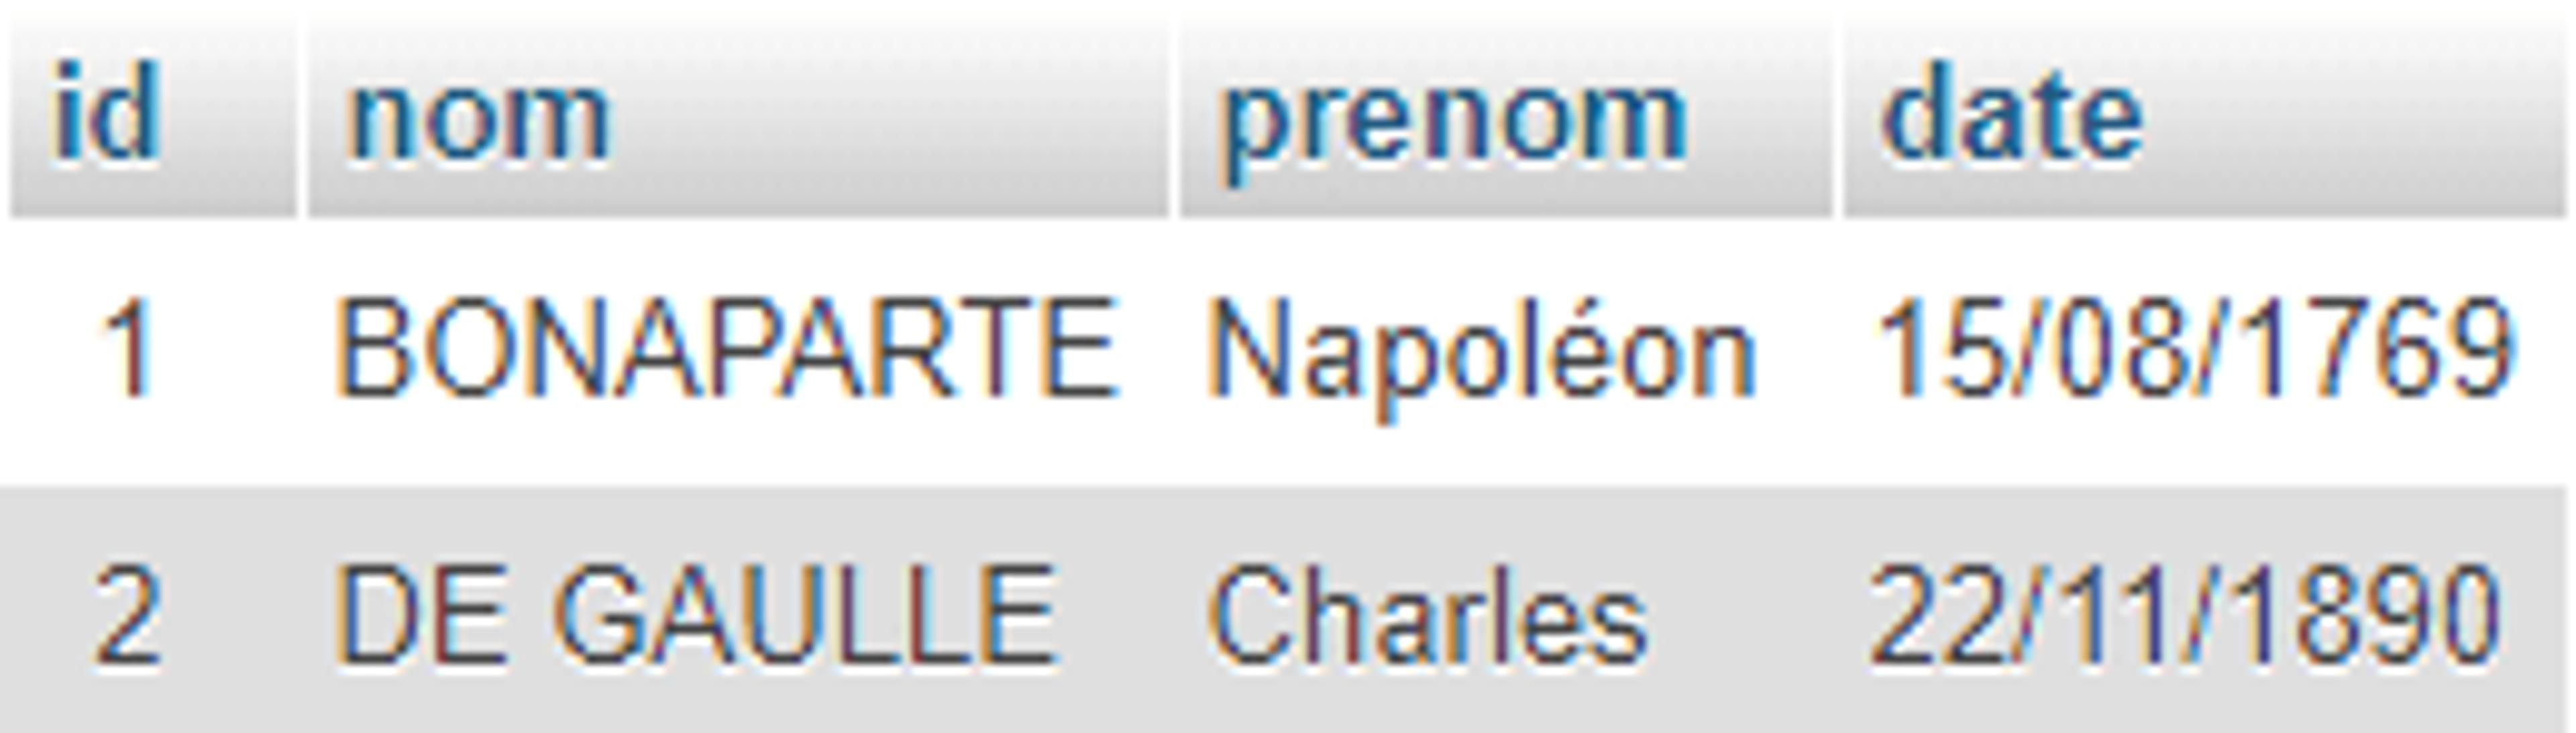 nodejs database sql